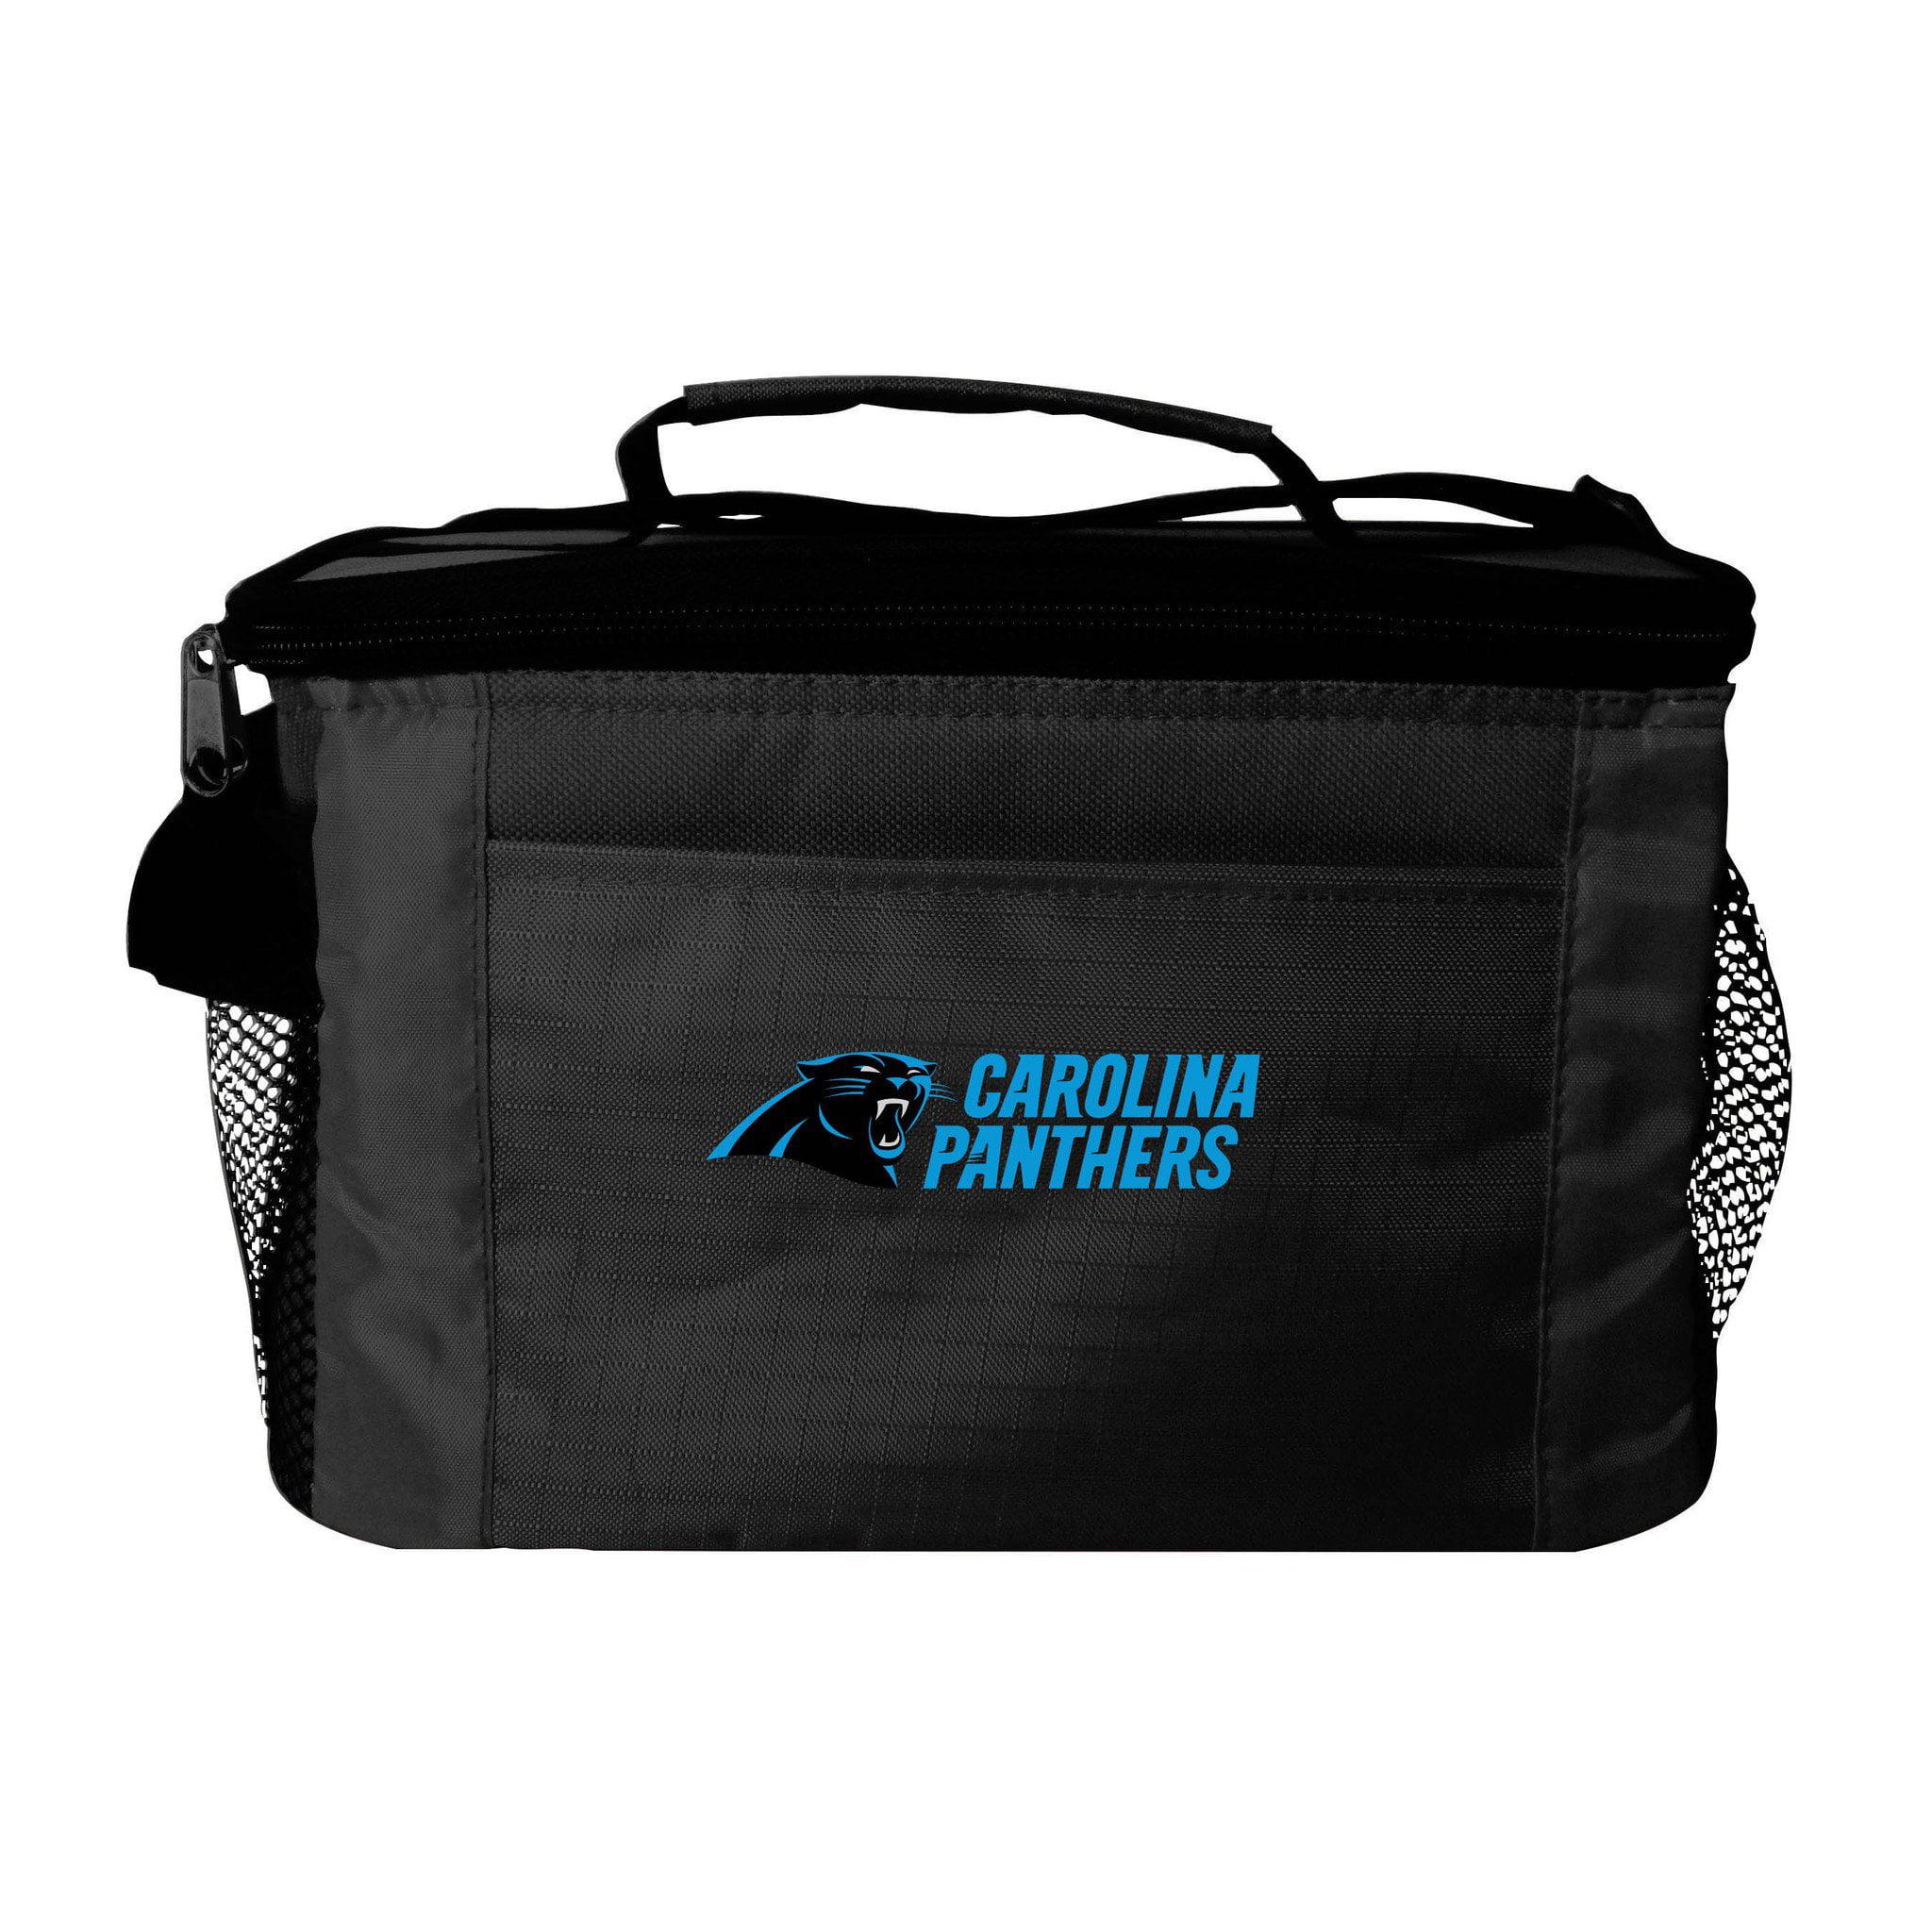 NFL Carolina Panthers 6 Can Cooler Bag